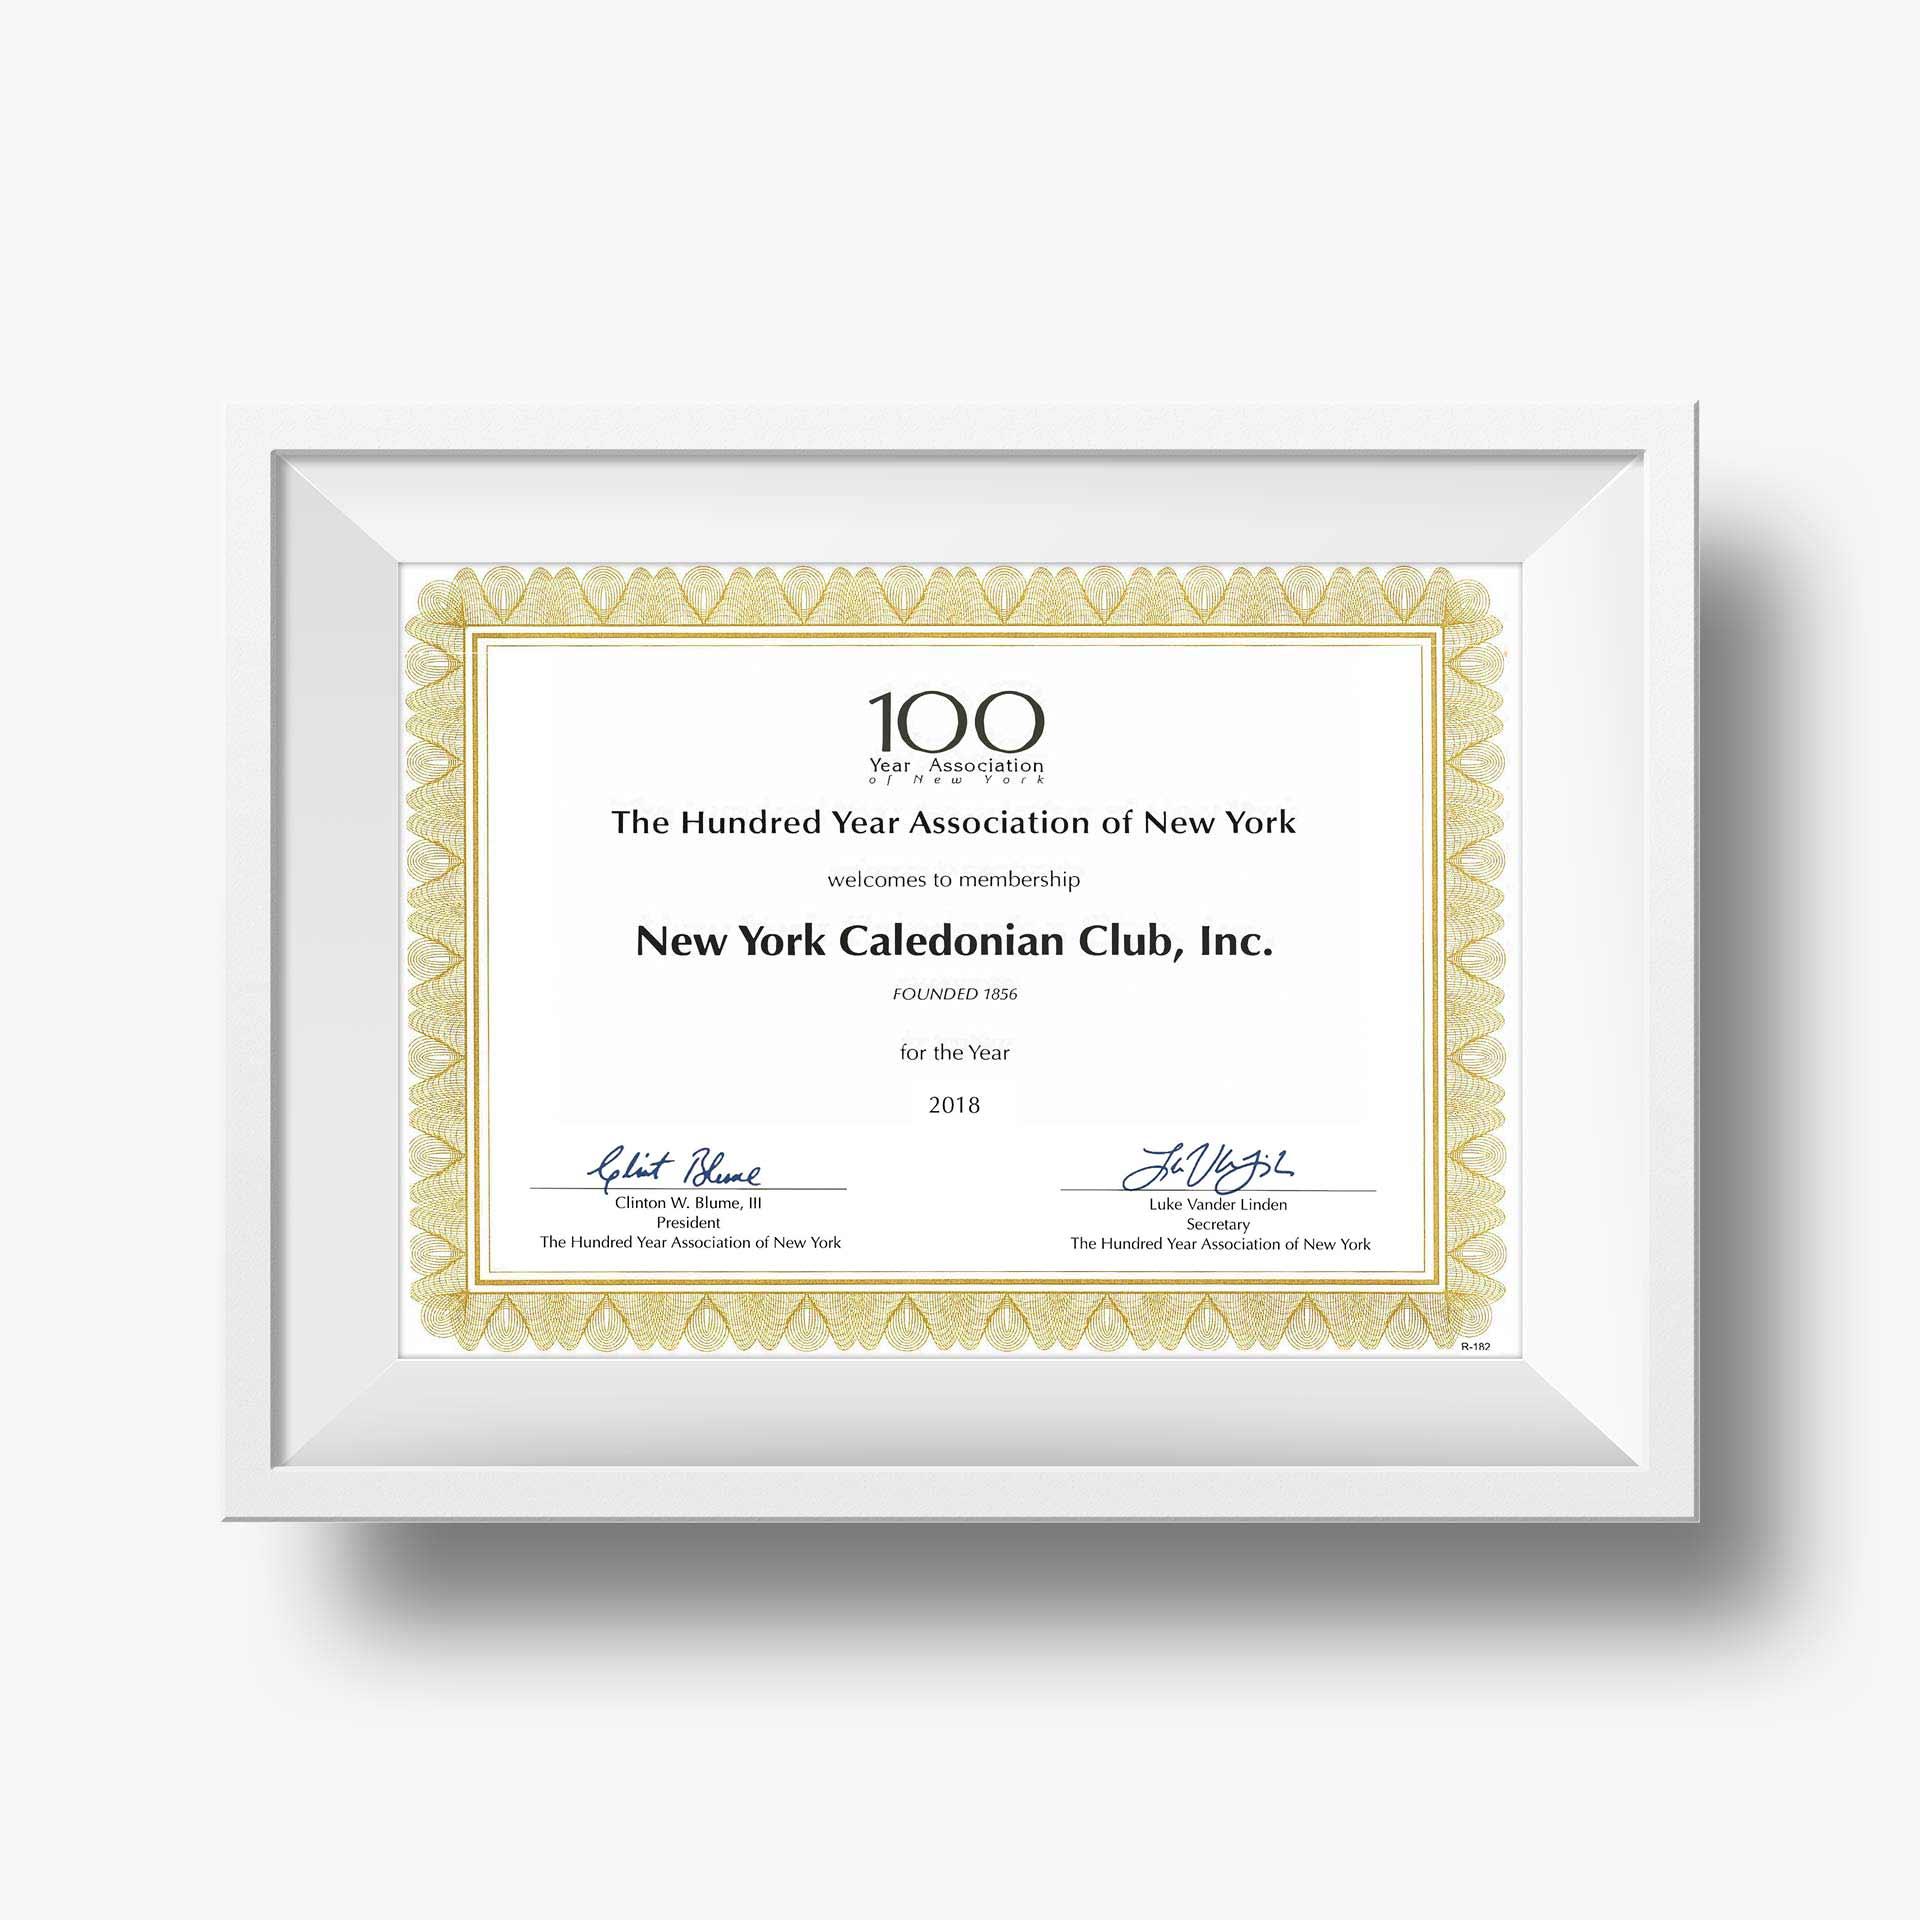 nycc-100year-association